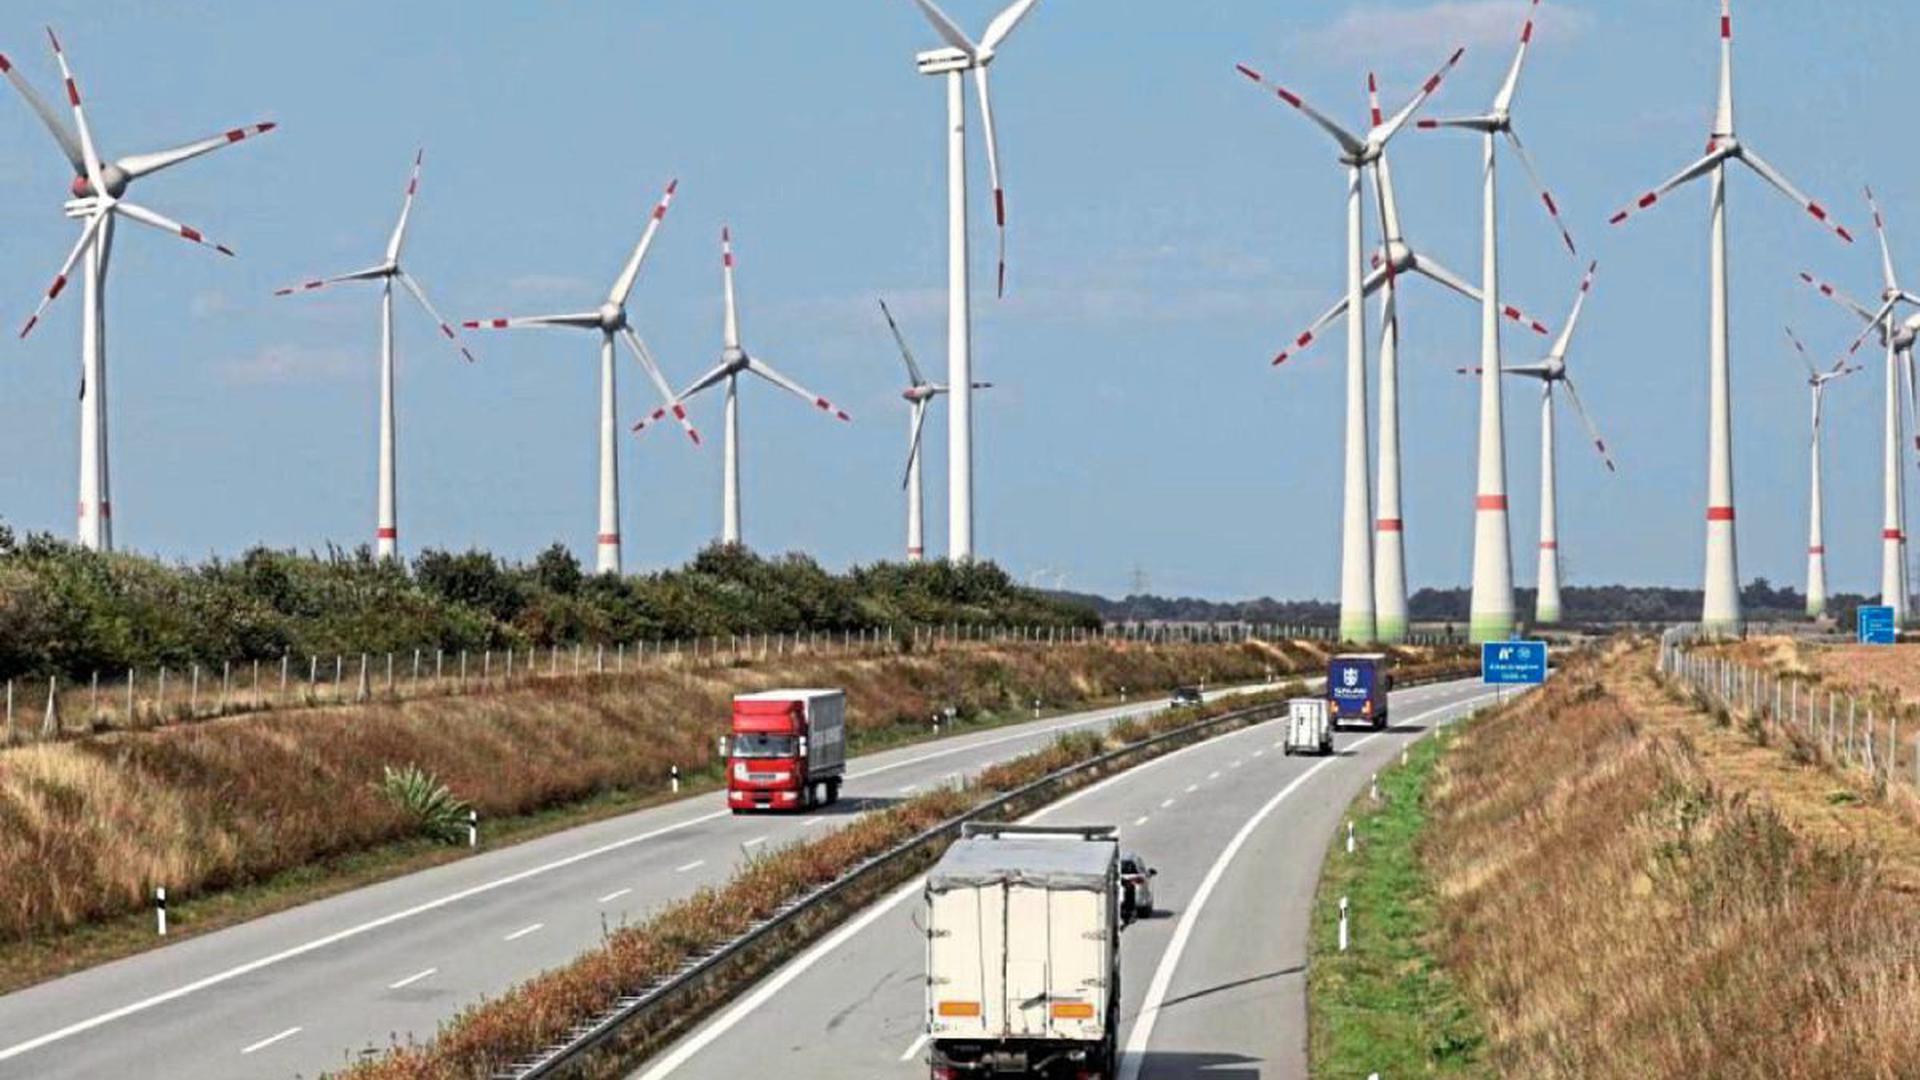 Windkraft an der Autobahn: hier eine Aufnahme aus Mecklenburg Vorpommern. Die zehn geplanten Anlagen an der A5 stehen noch nicht. Die beiden Bundestagsabgeordneten Olav Gutting und Danyal Bayaz setzen im Verfahren auf Transparenz.